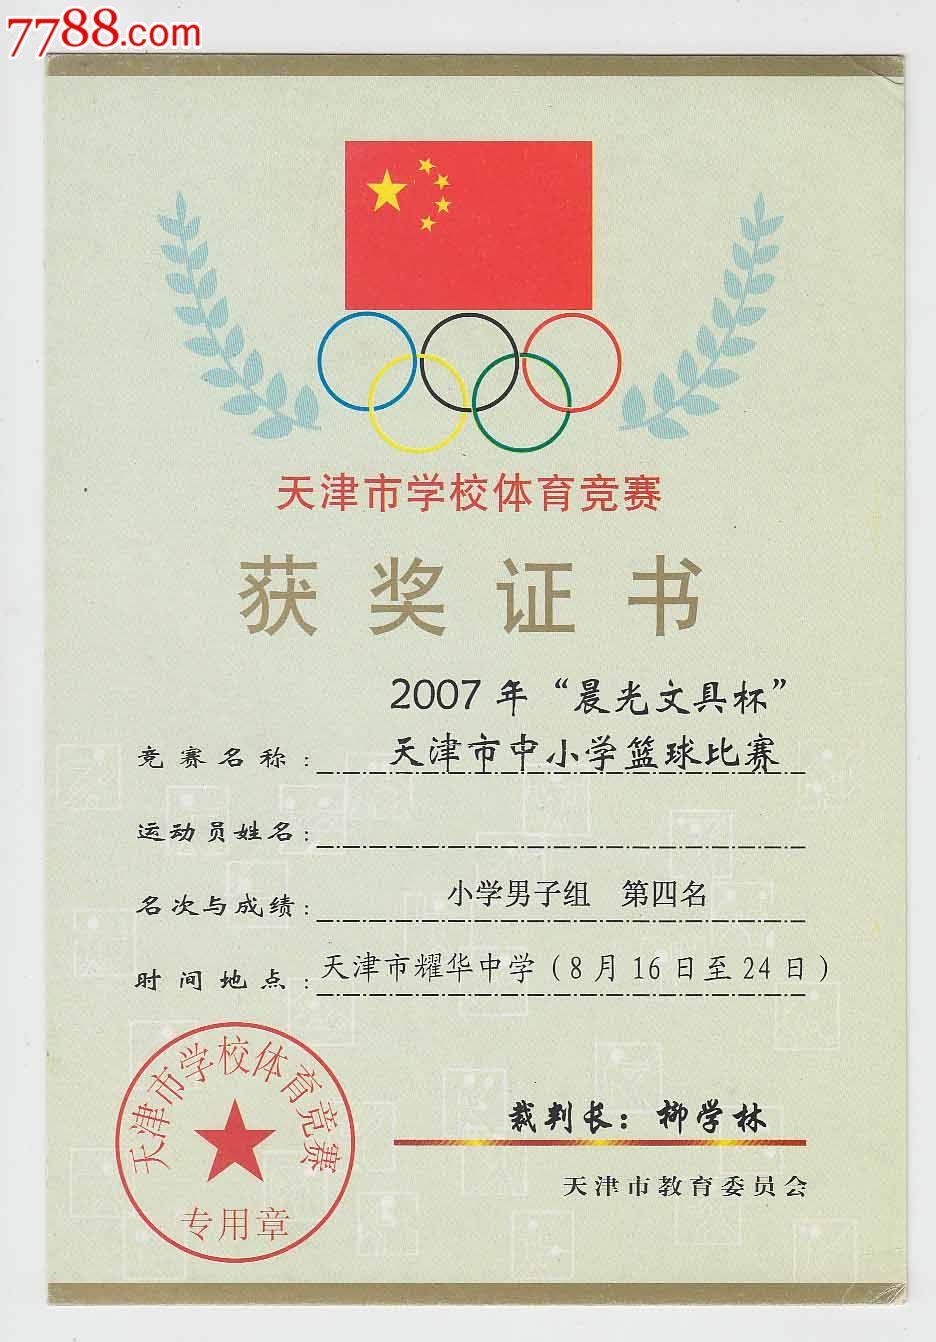 天津市学校体育竞赛——获奖证书